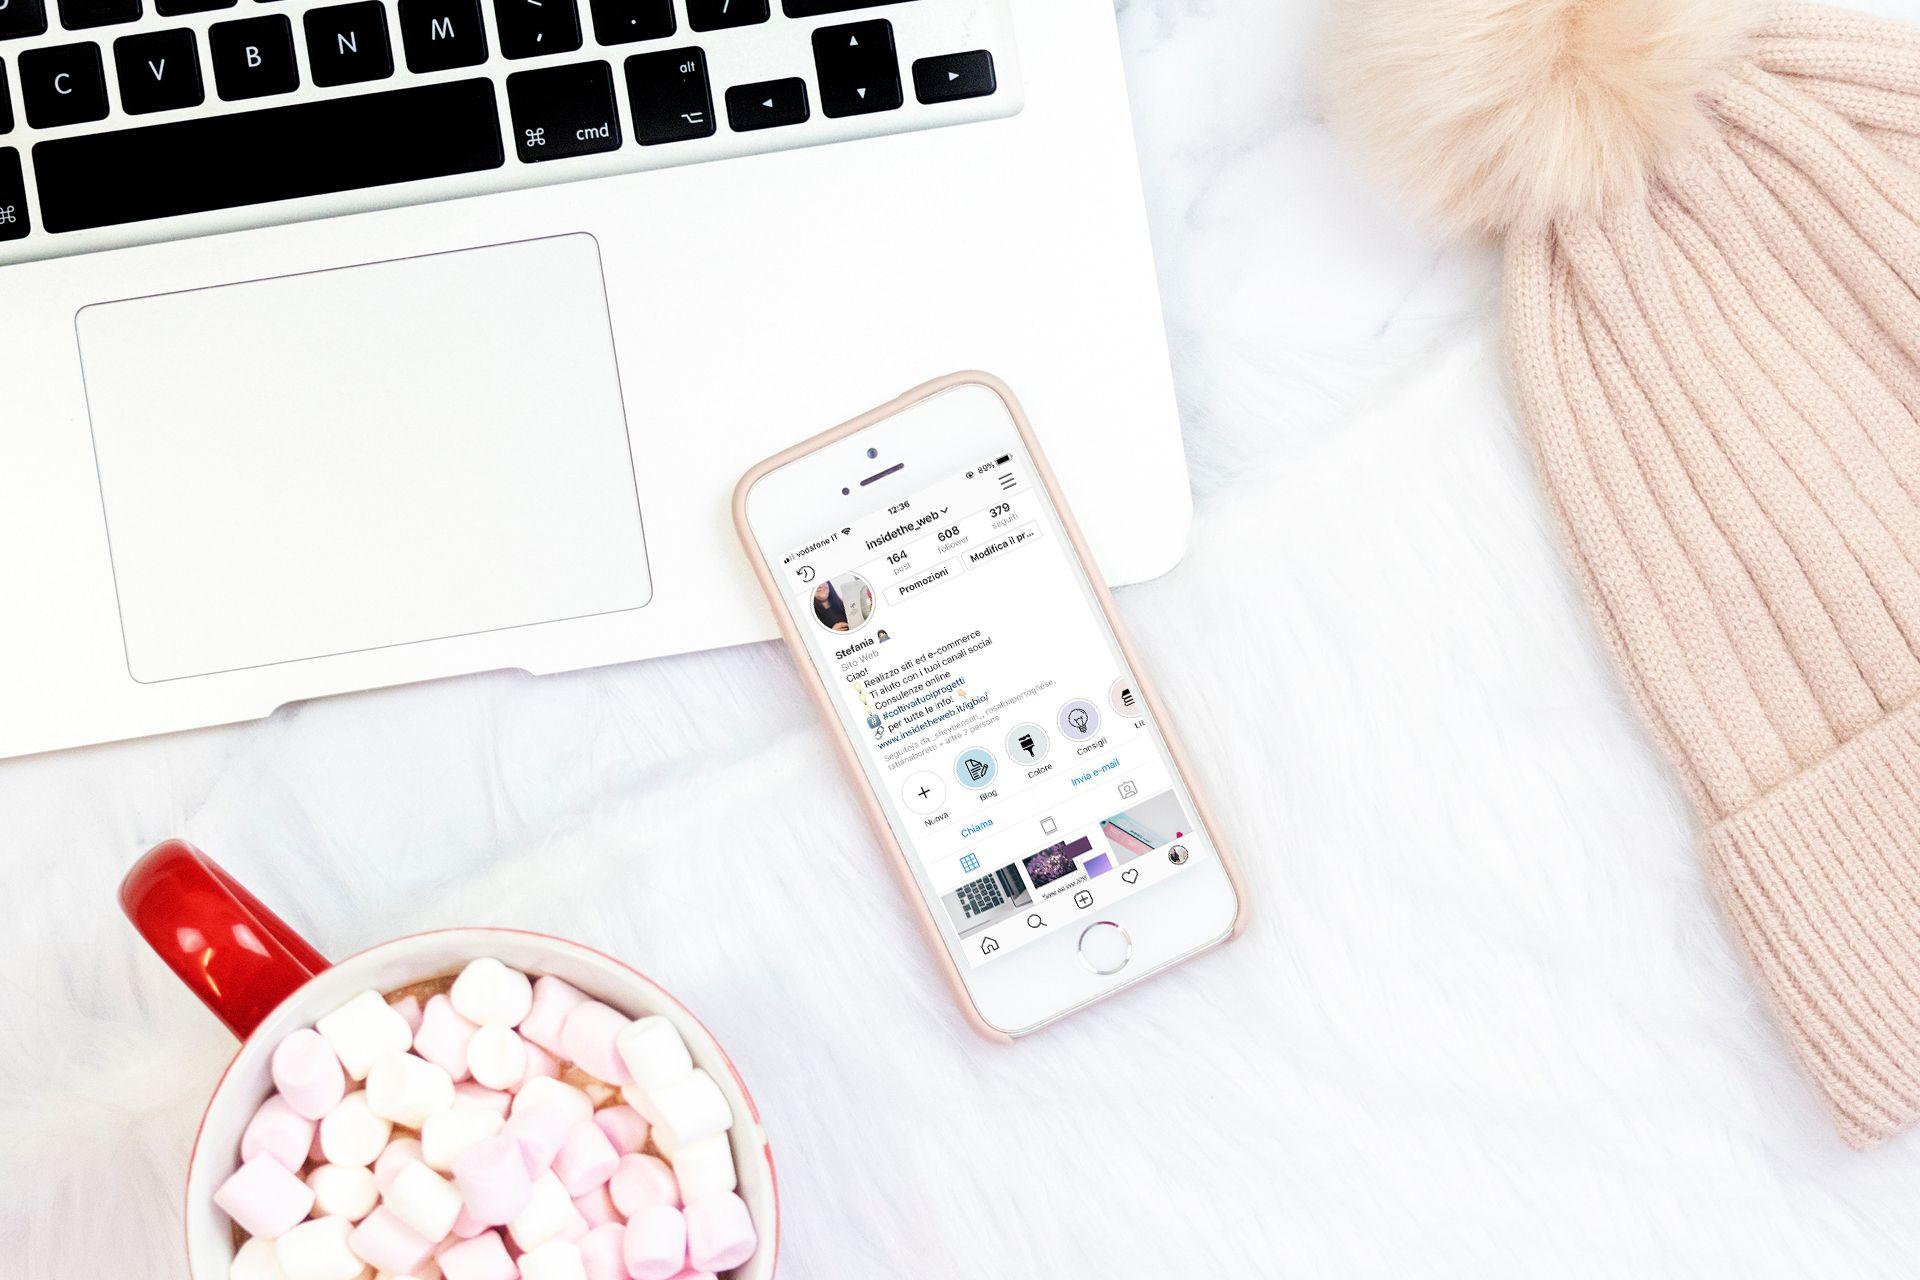 Le-novità-e-i-trend-di-Instagram-per-il-2019